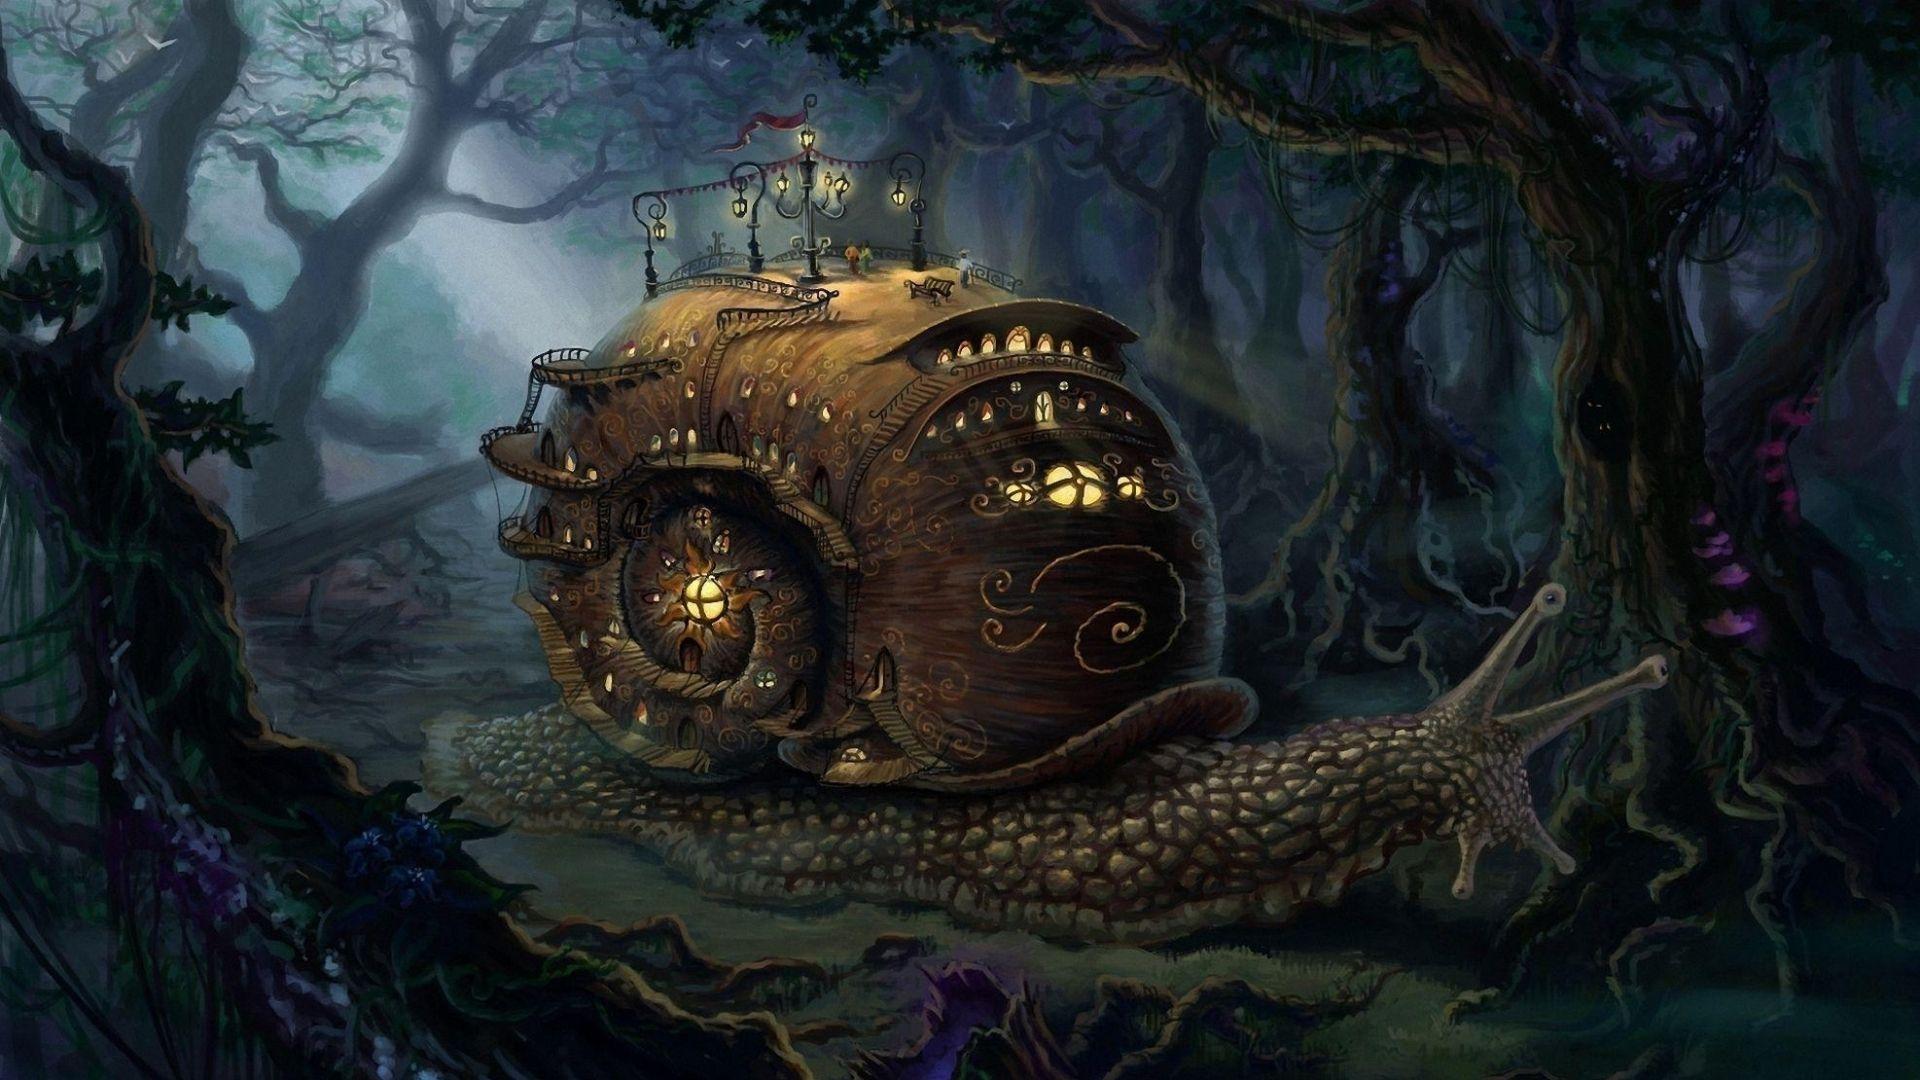 steampunk fantasy art fantasy art landscapes snail